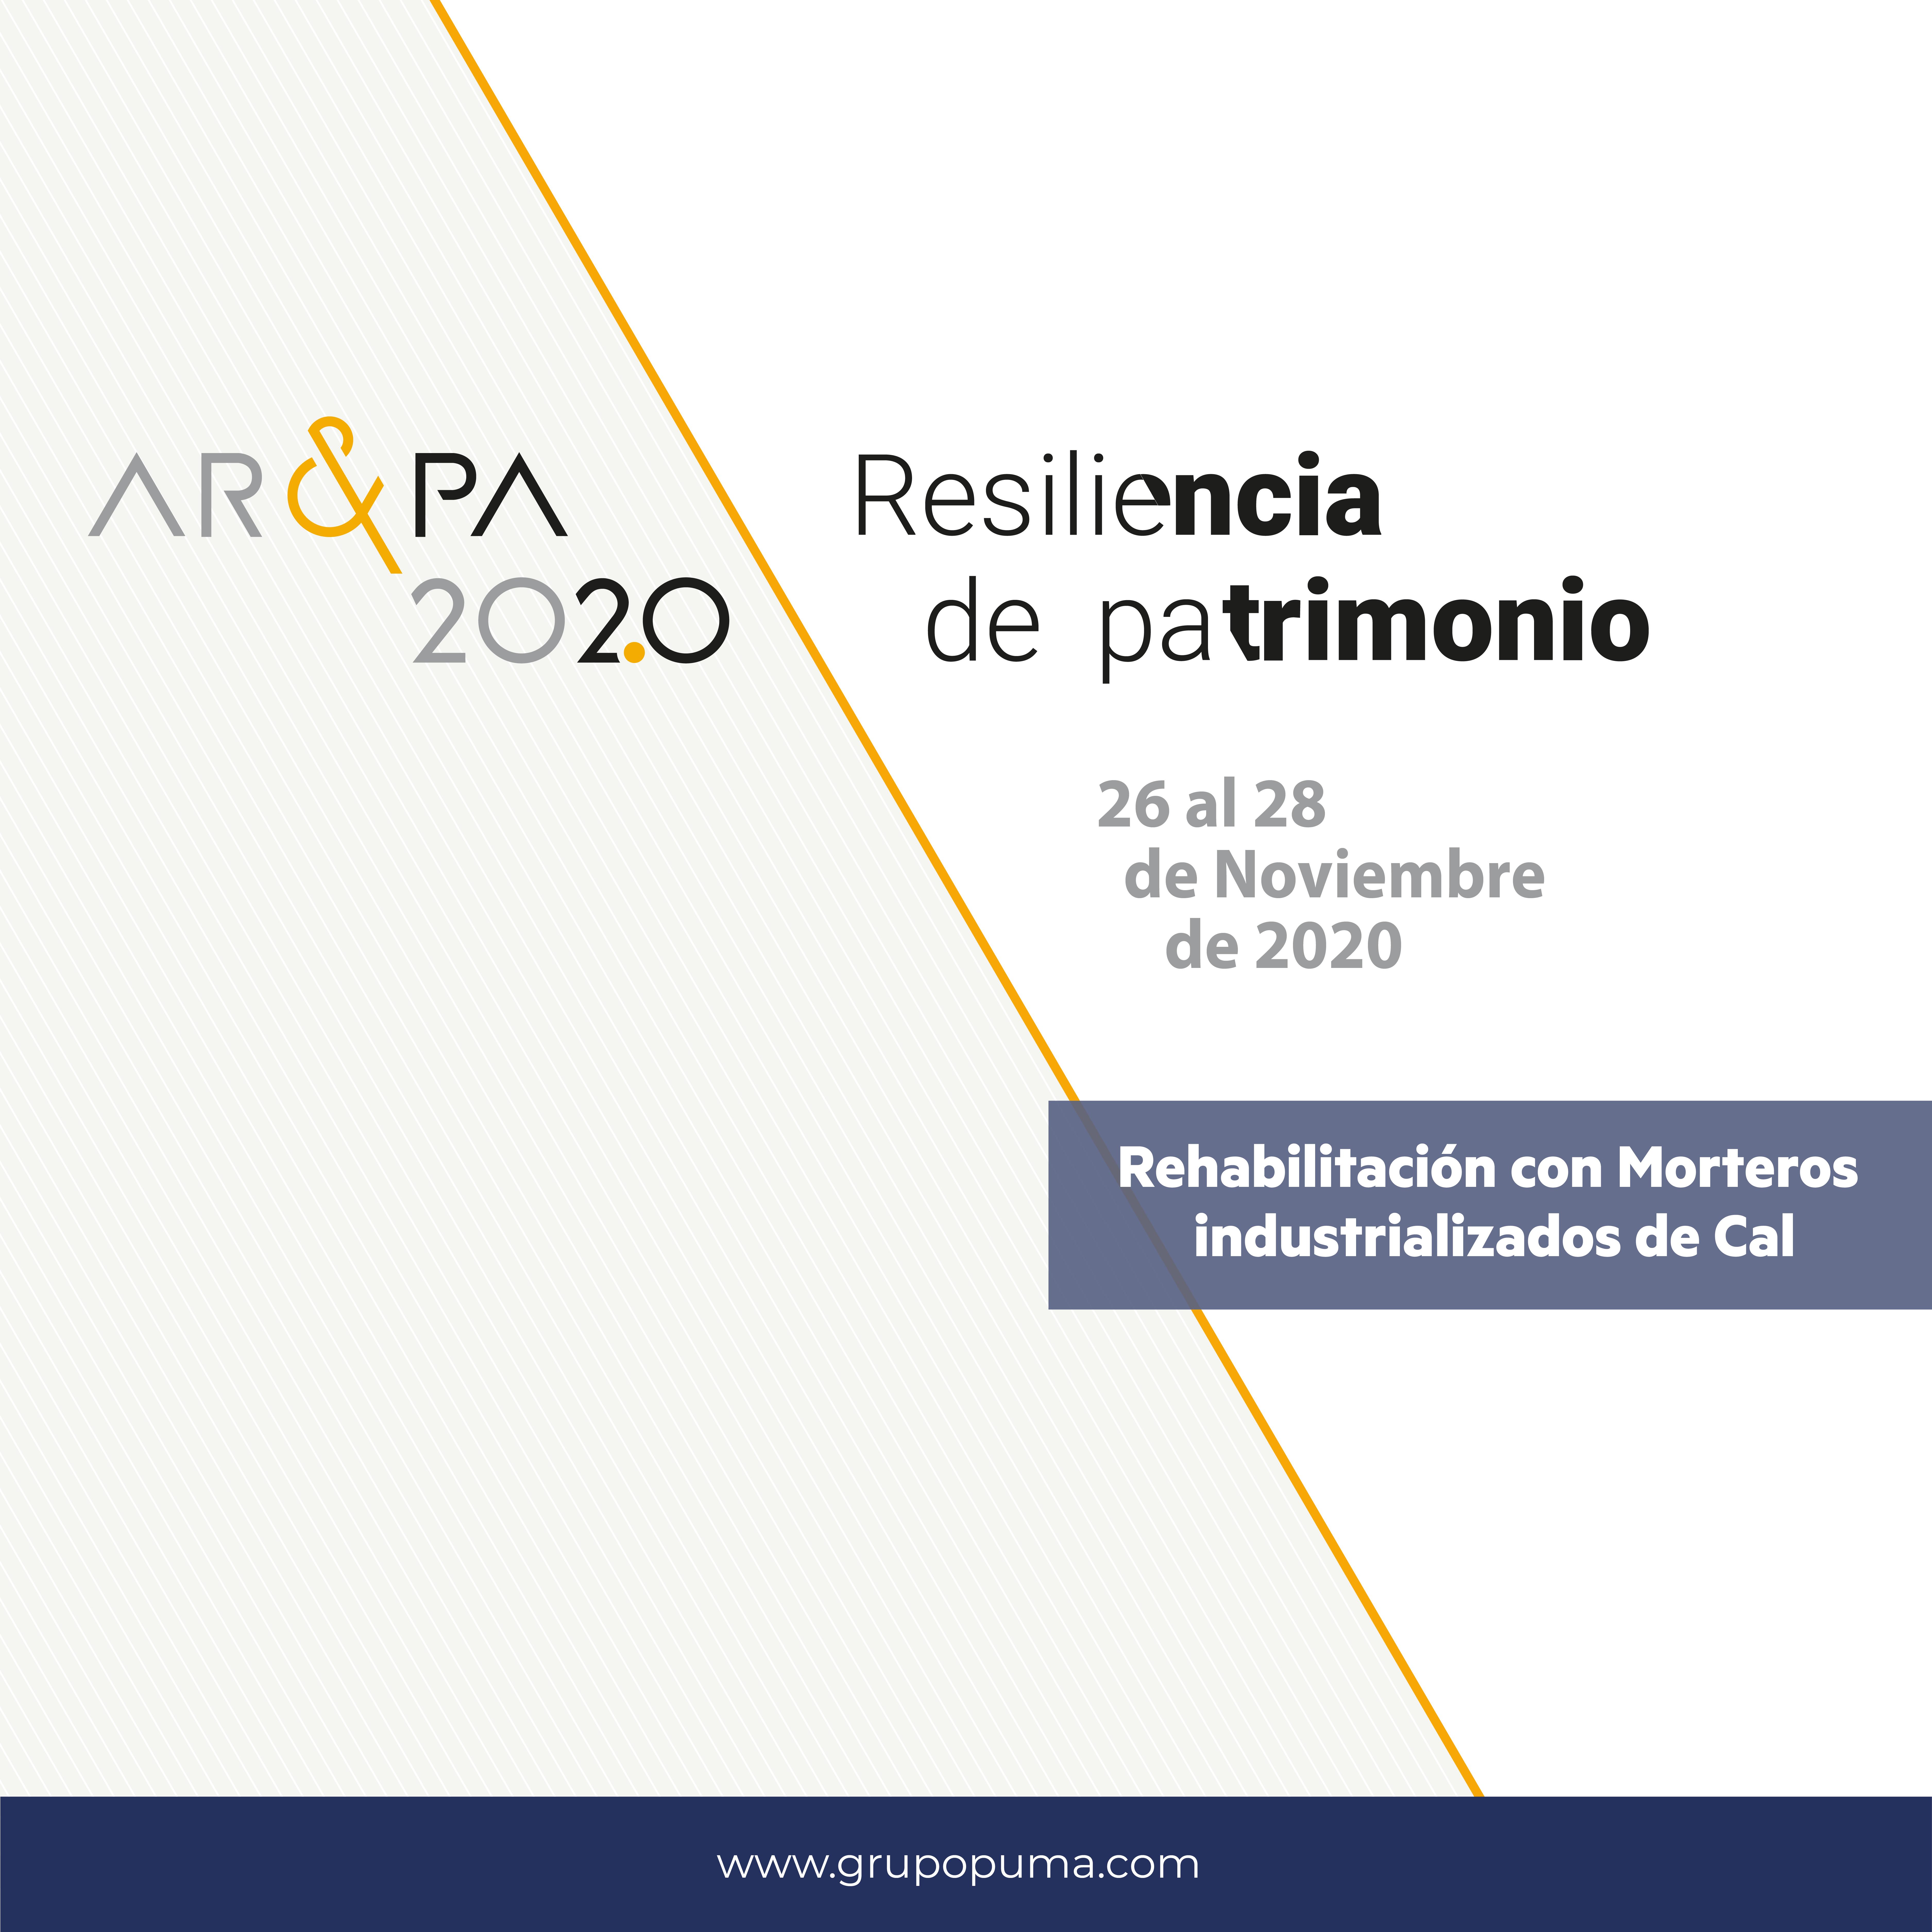 Grupo Puma participa como expositor en la feria dedicada al patrimonio AR&PA 2020.